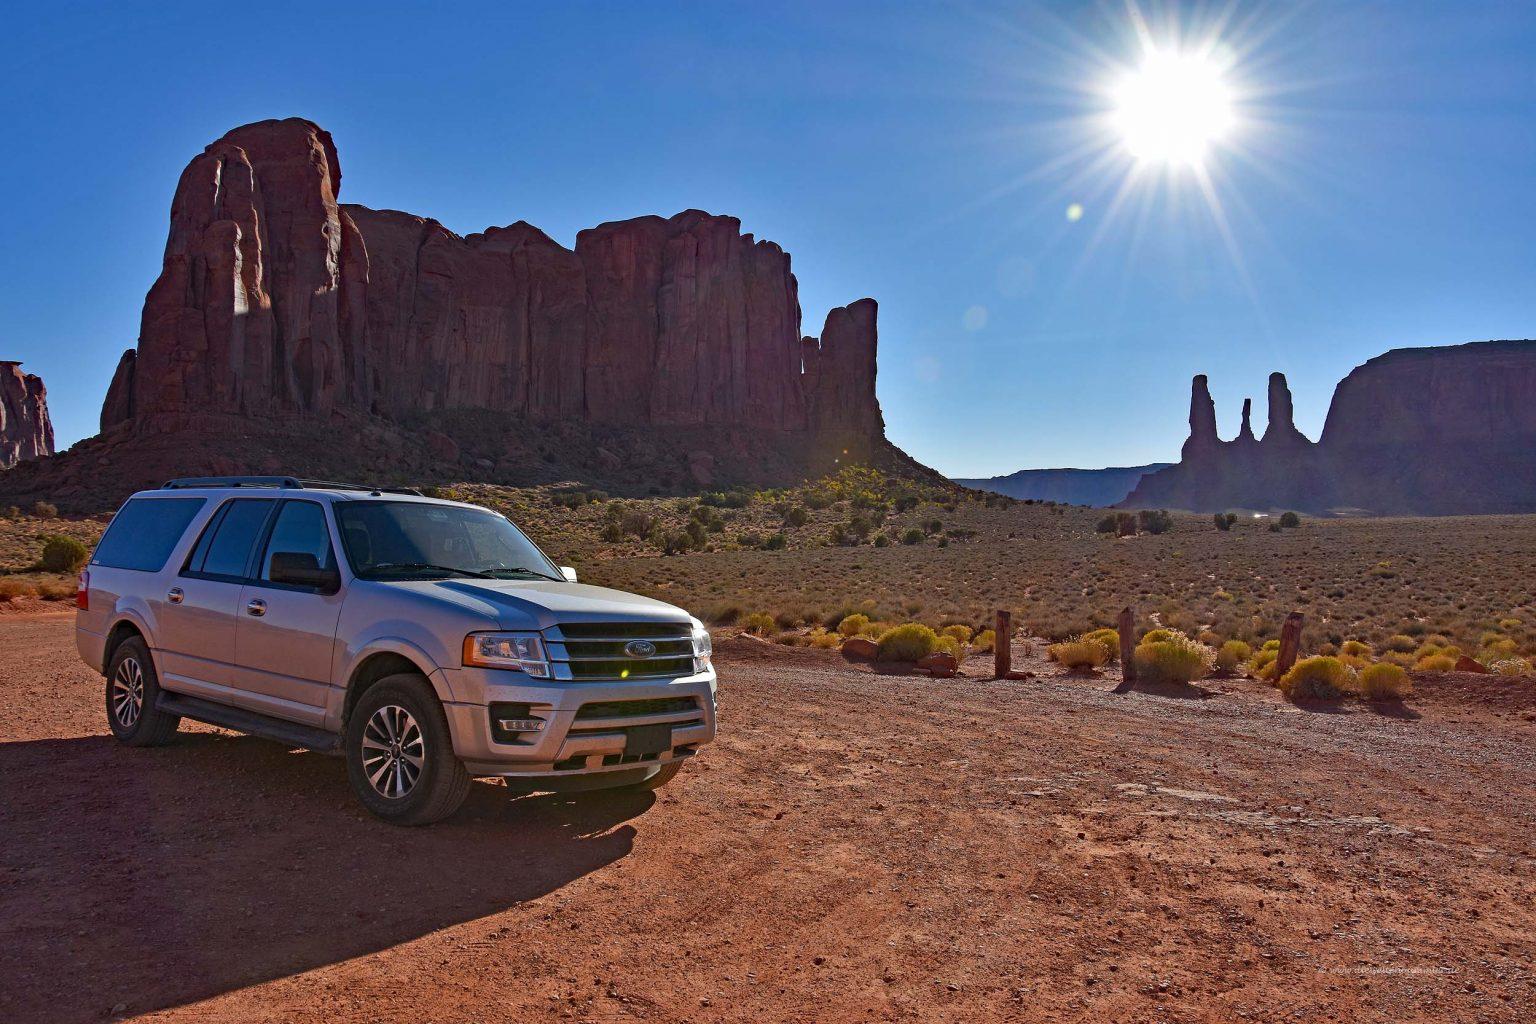 Unser Mietwagen im Monument Valley